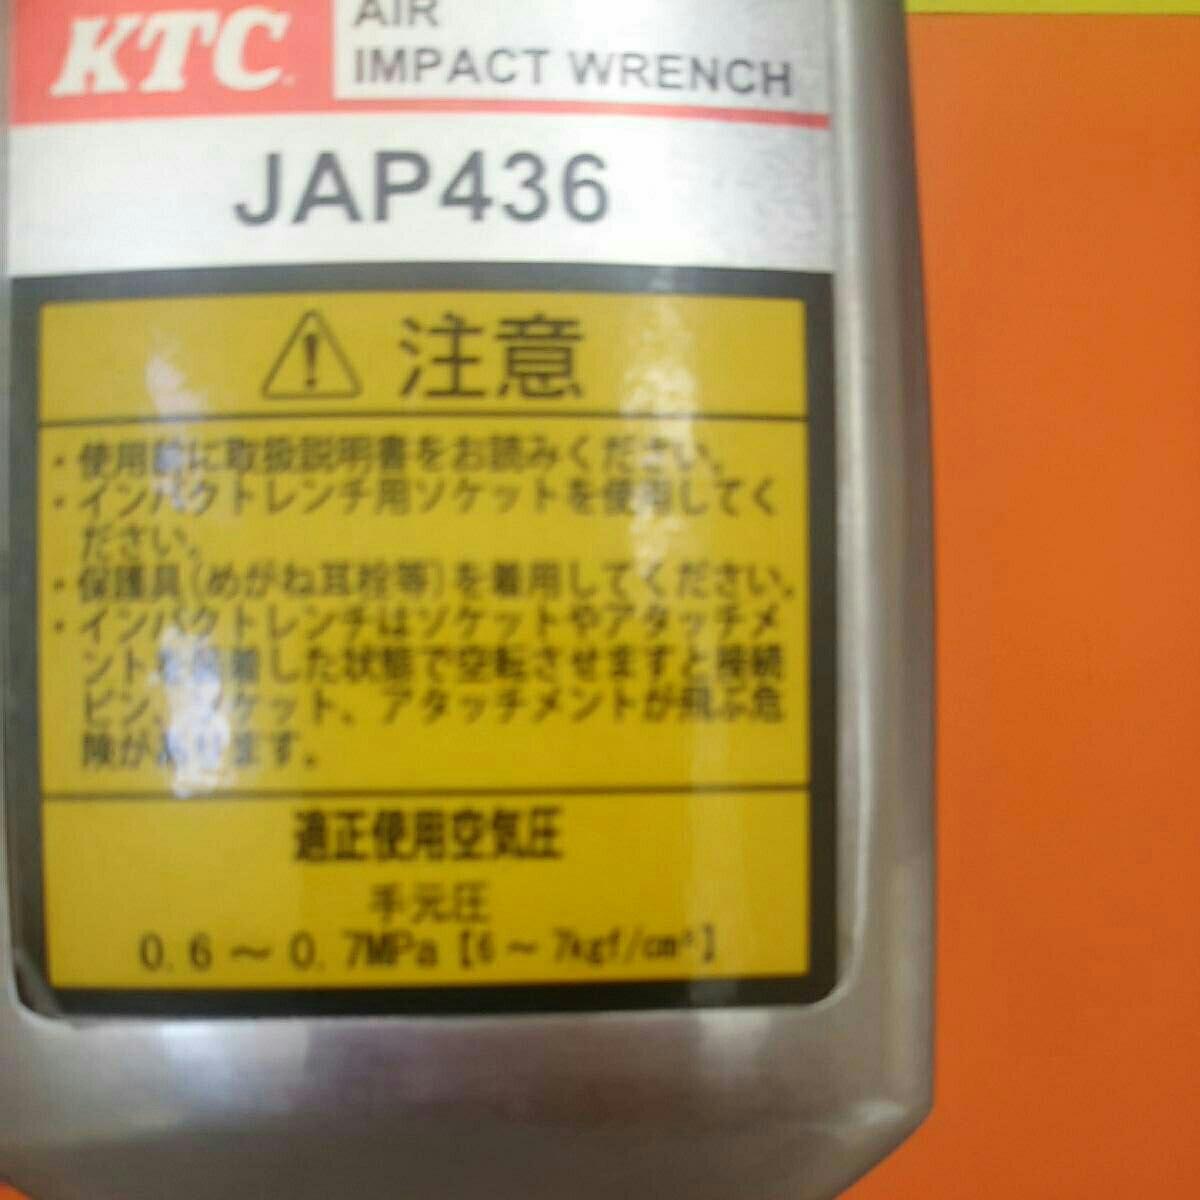 年始セール!1円スタート KTC 12.7sq.インパクトレンチ JAP436 高品質、高精度!整備で活躍![nepros、Snap-on、HAZET]1台限り!_画像4